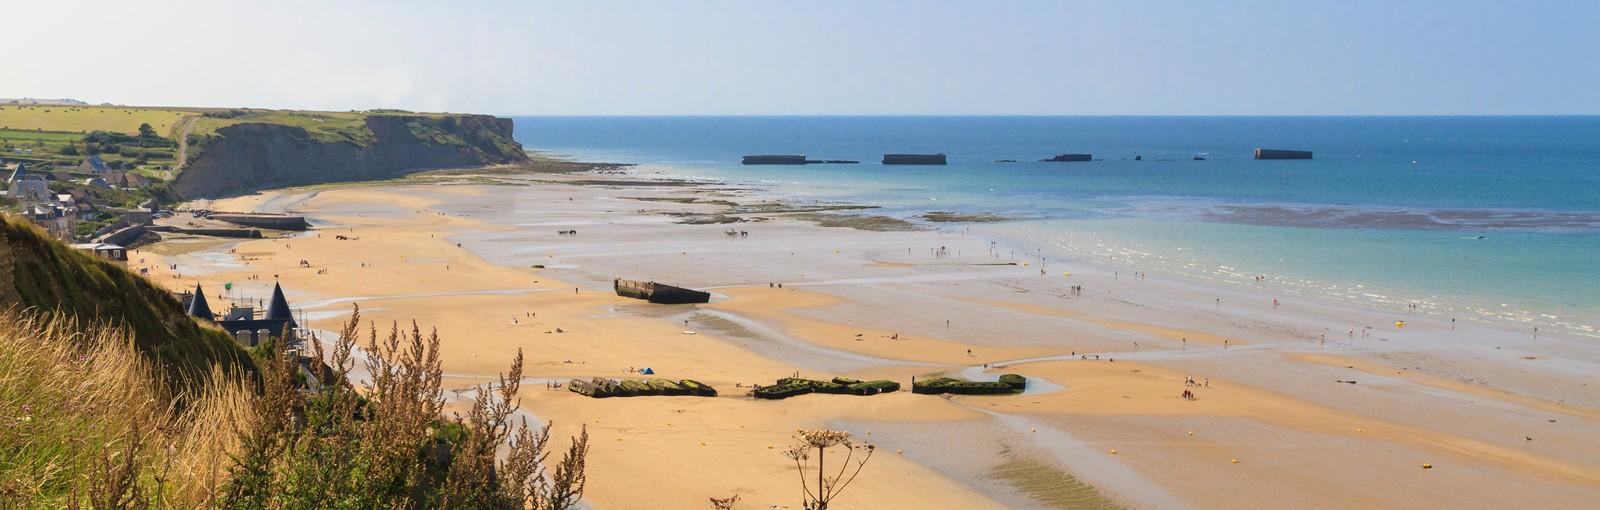 Tours 2 jours en Normandie: plages du débarquement et Normandie culturelle et touristique - Normandie - Tours en région